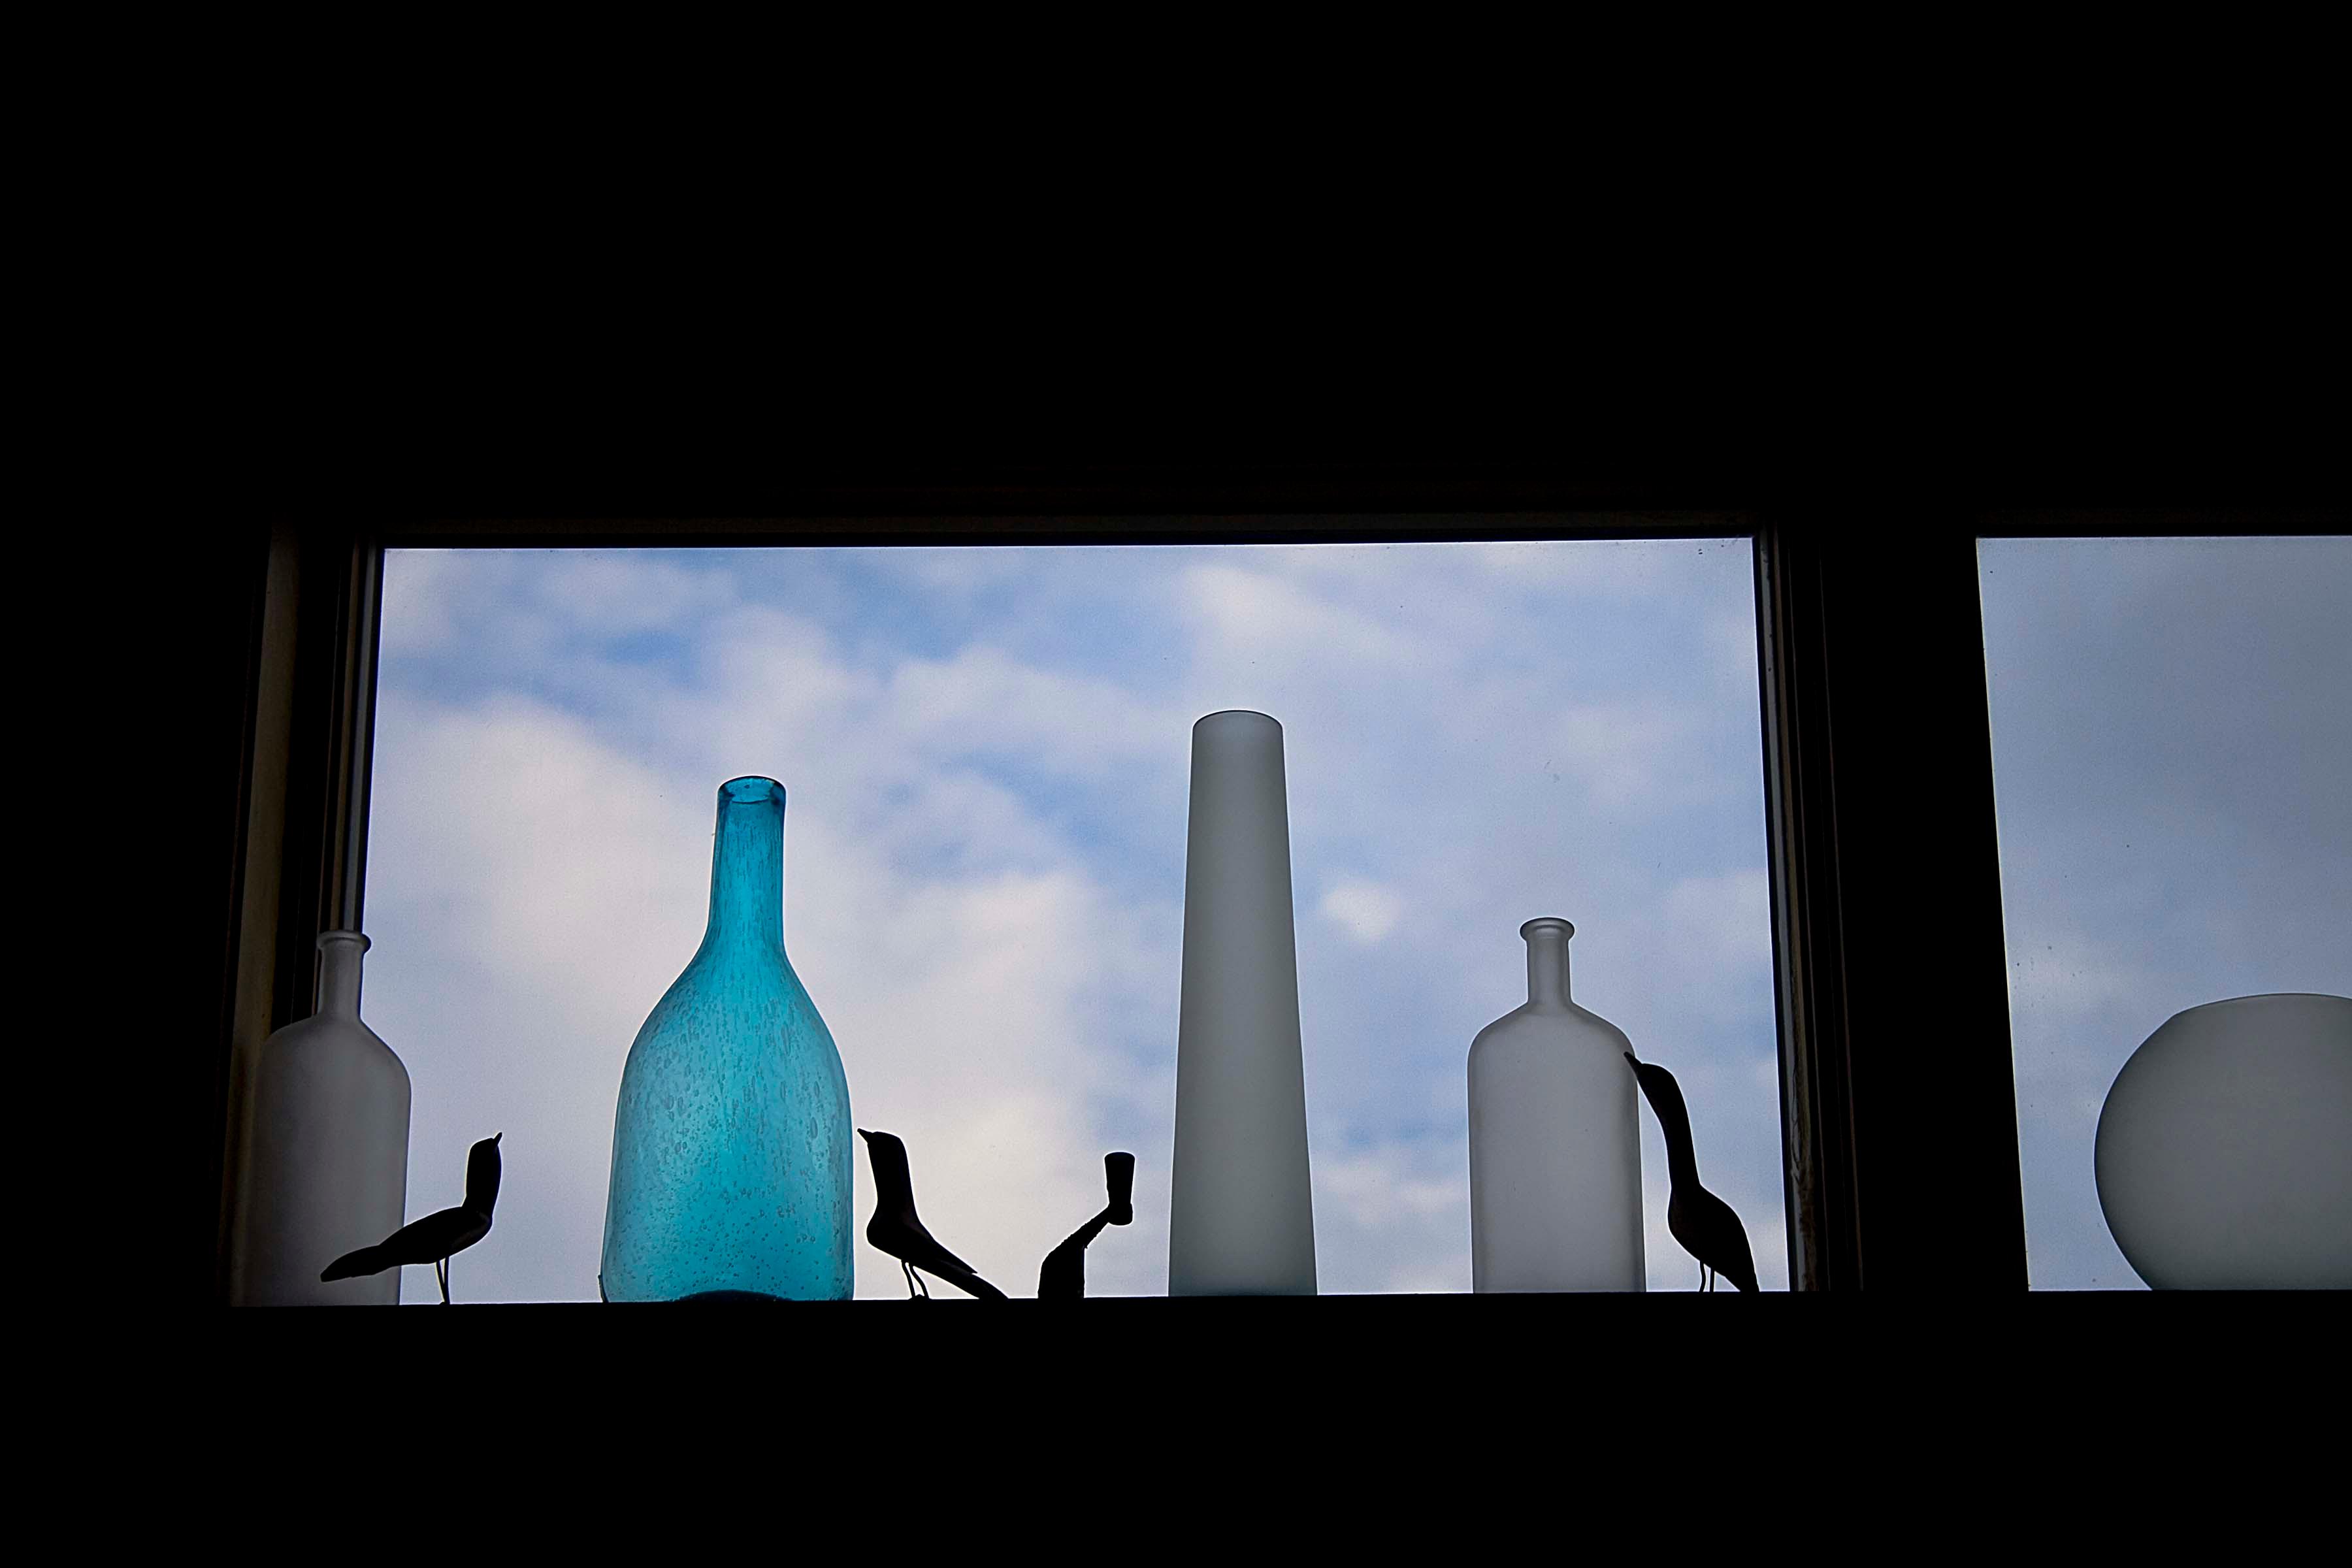 Bottles on the Ledge